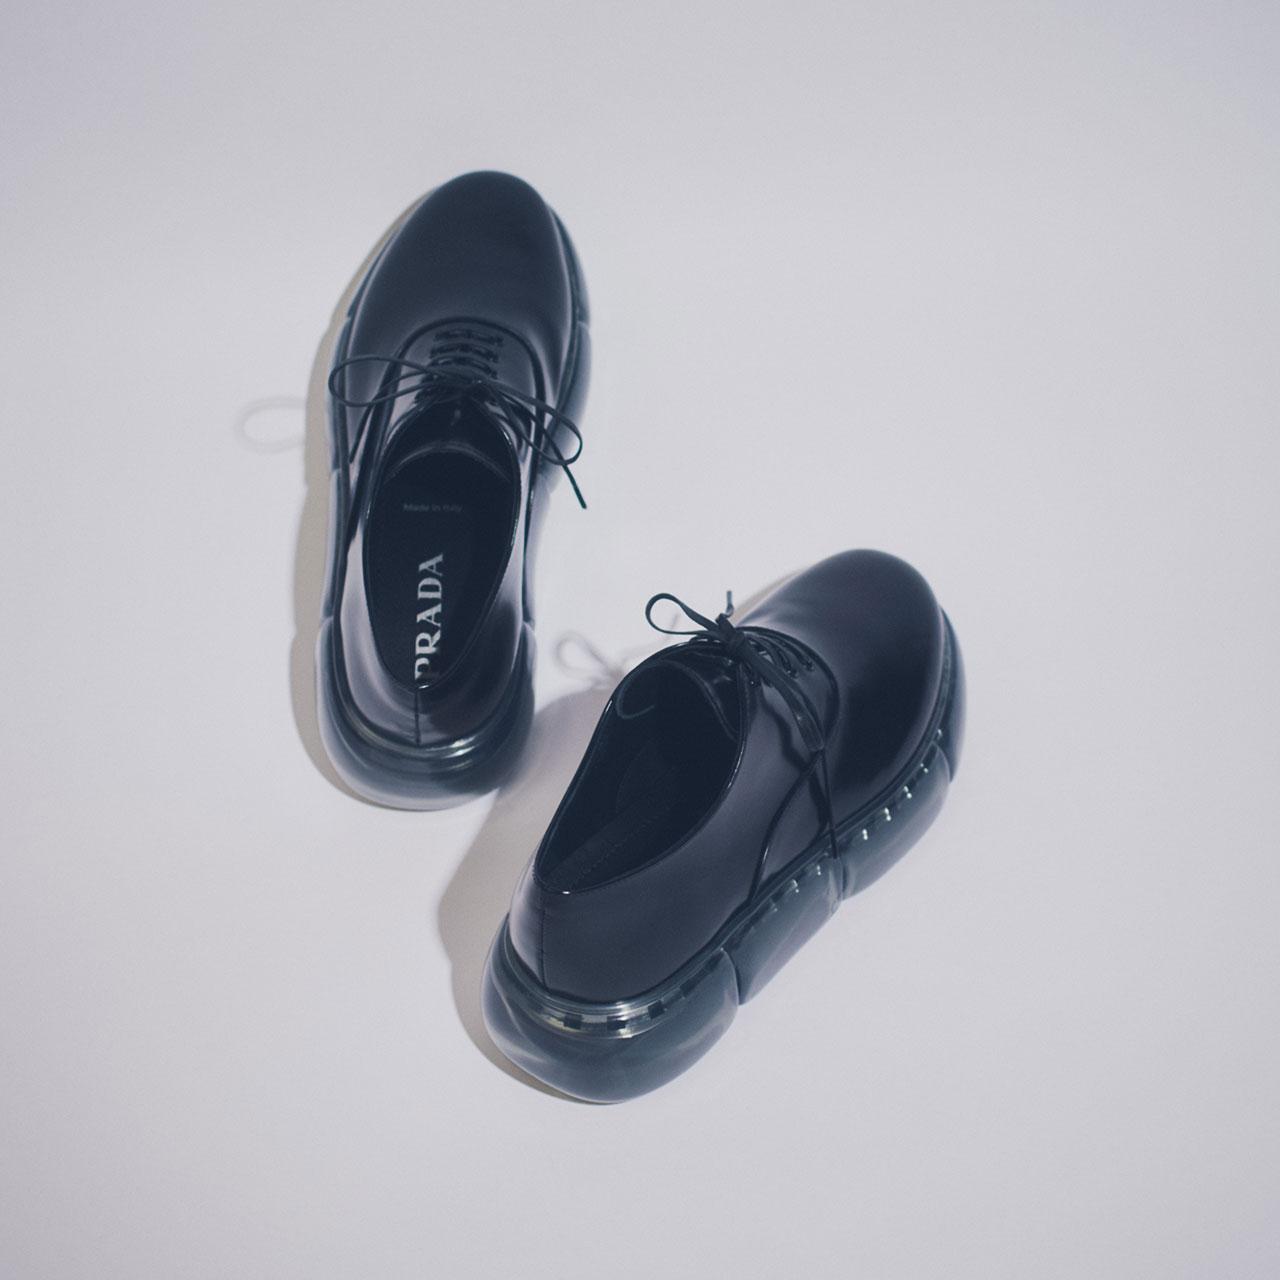 ¥99,000 (予定価格) [ヒール5.5cm]、Prada/プラダ クライアントサービス 0120-451-913